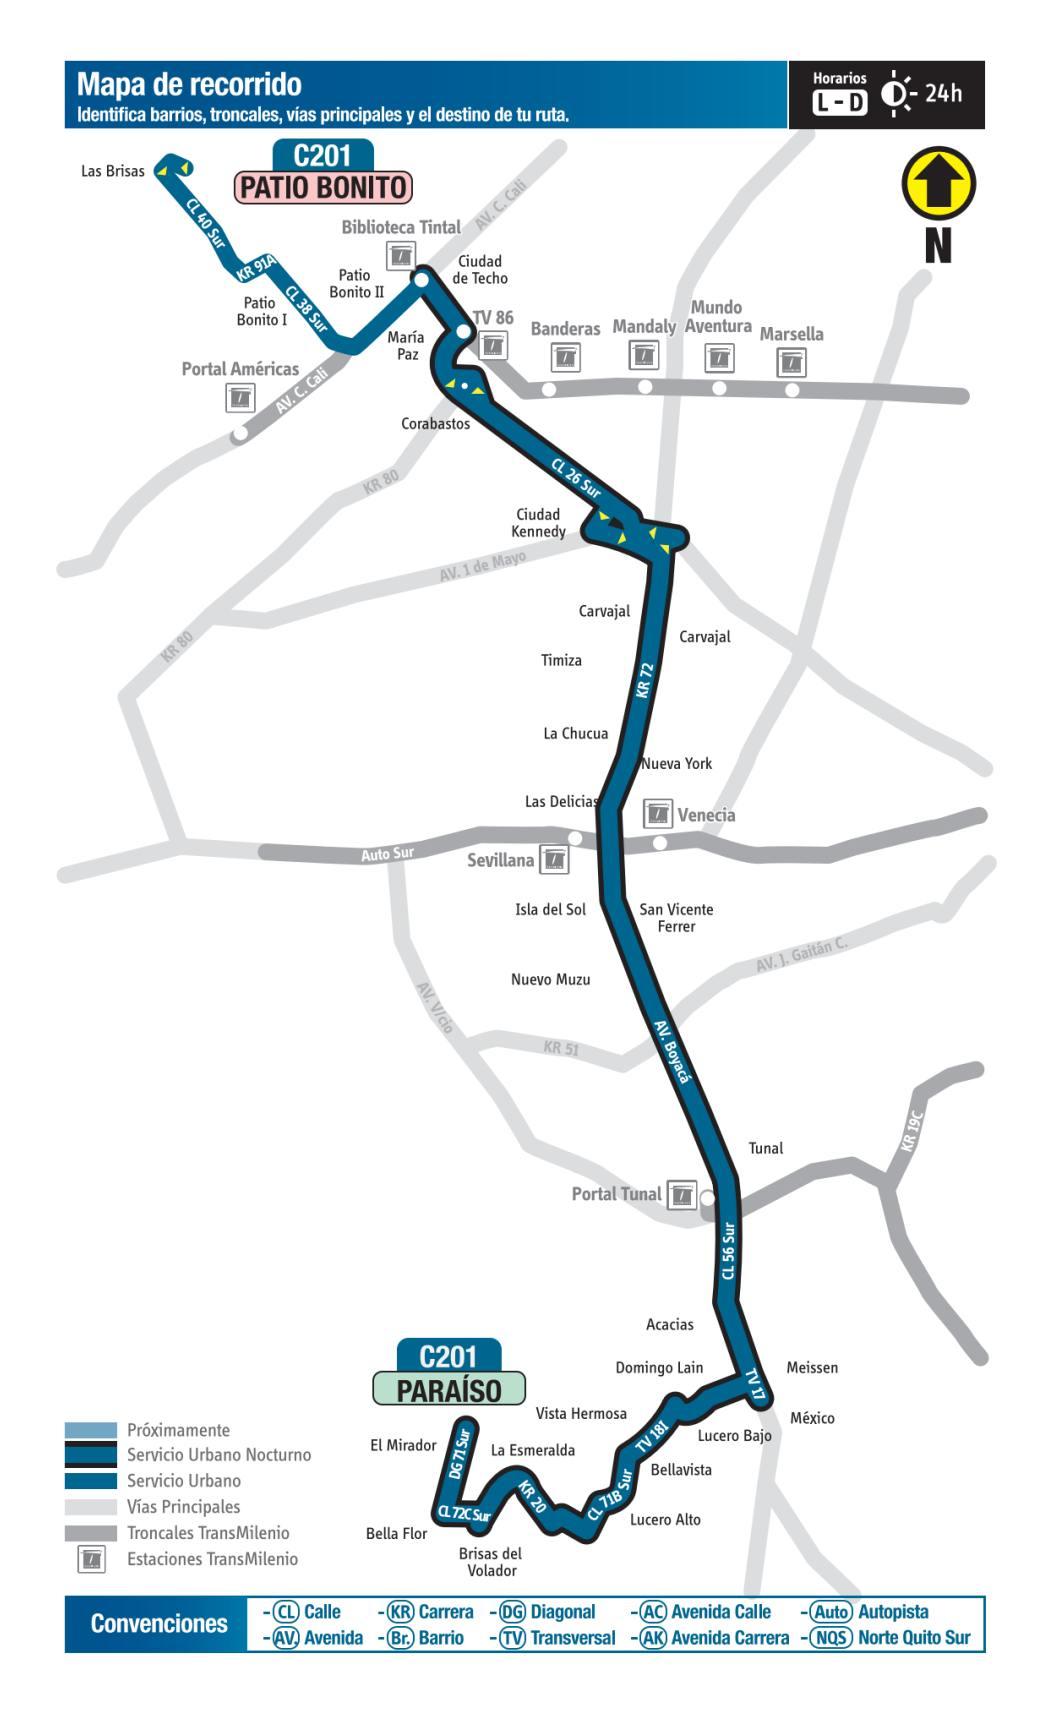 C201 Patio Bonito - Paraíso, mapa bus urbano Bogotá